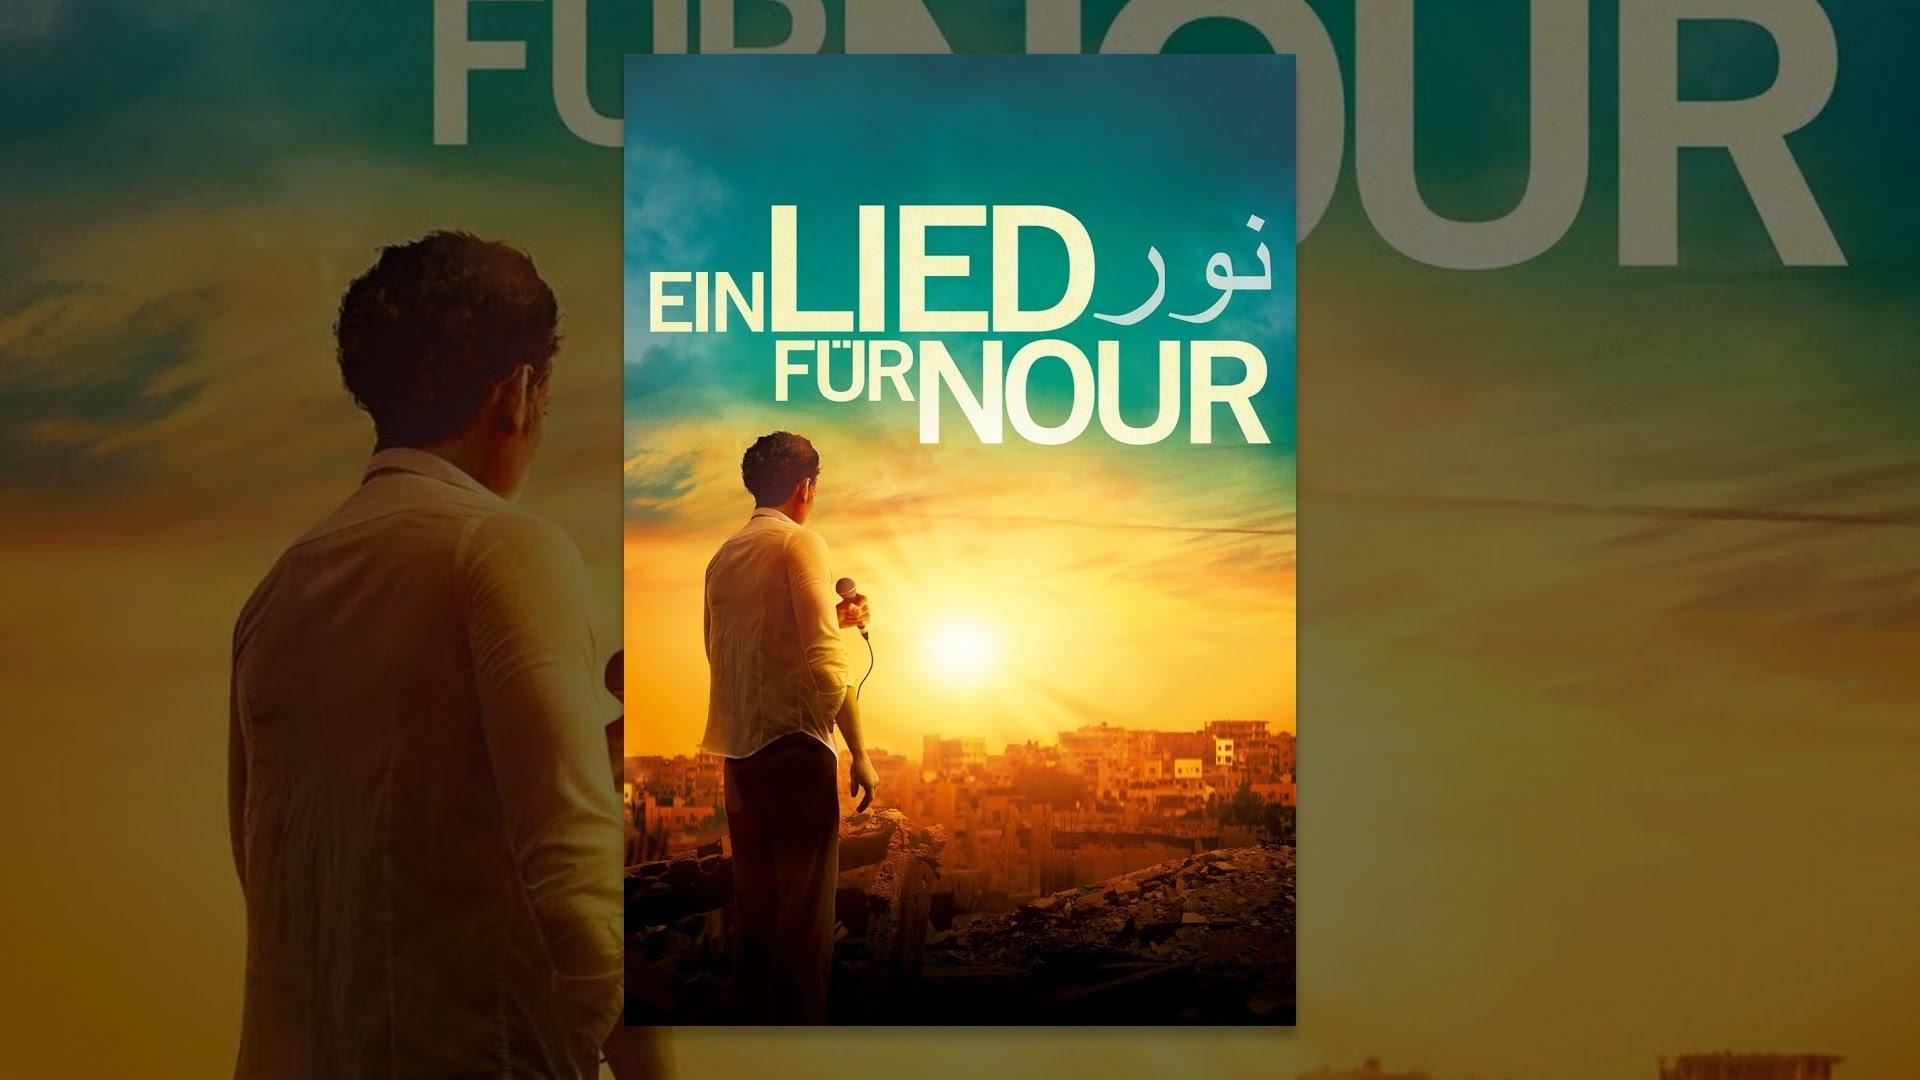 Ein Lied FГјr Nour